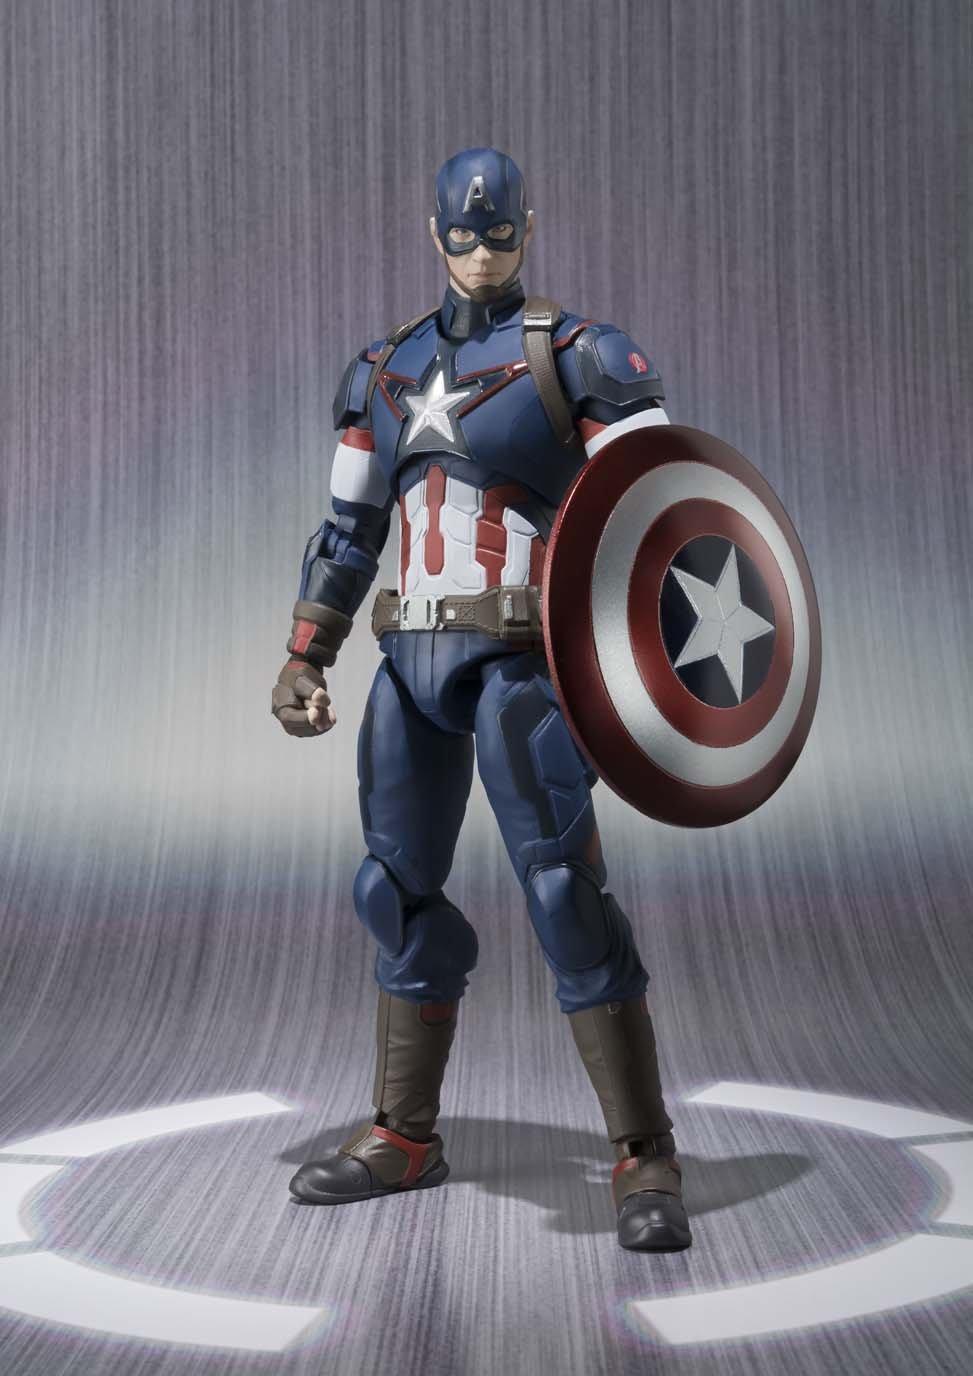 Bandaï SH Figuarts Avengers Captain America About 155mm ABS u0026 PVC Painted Action Figure